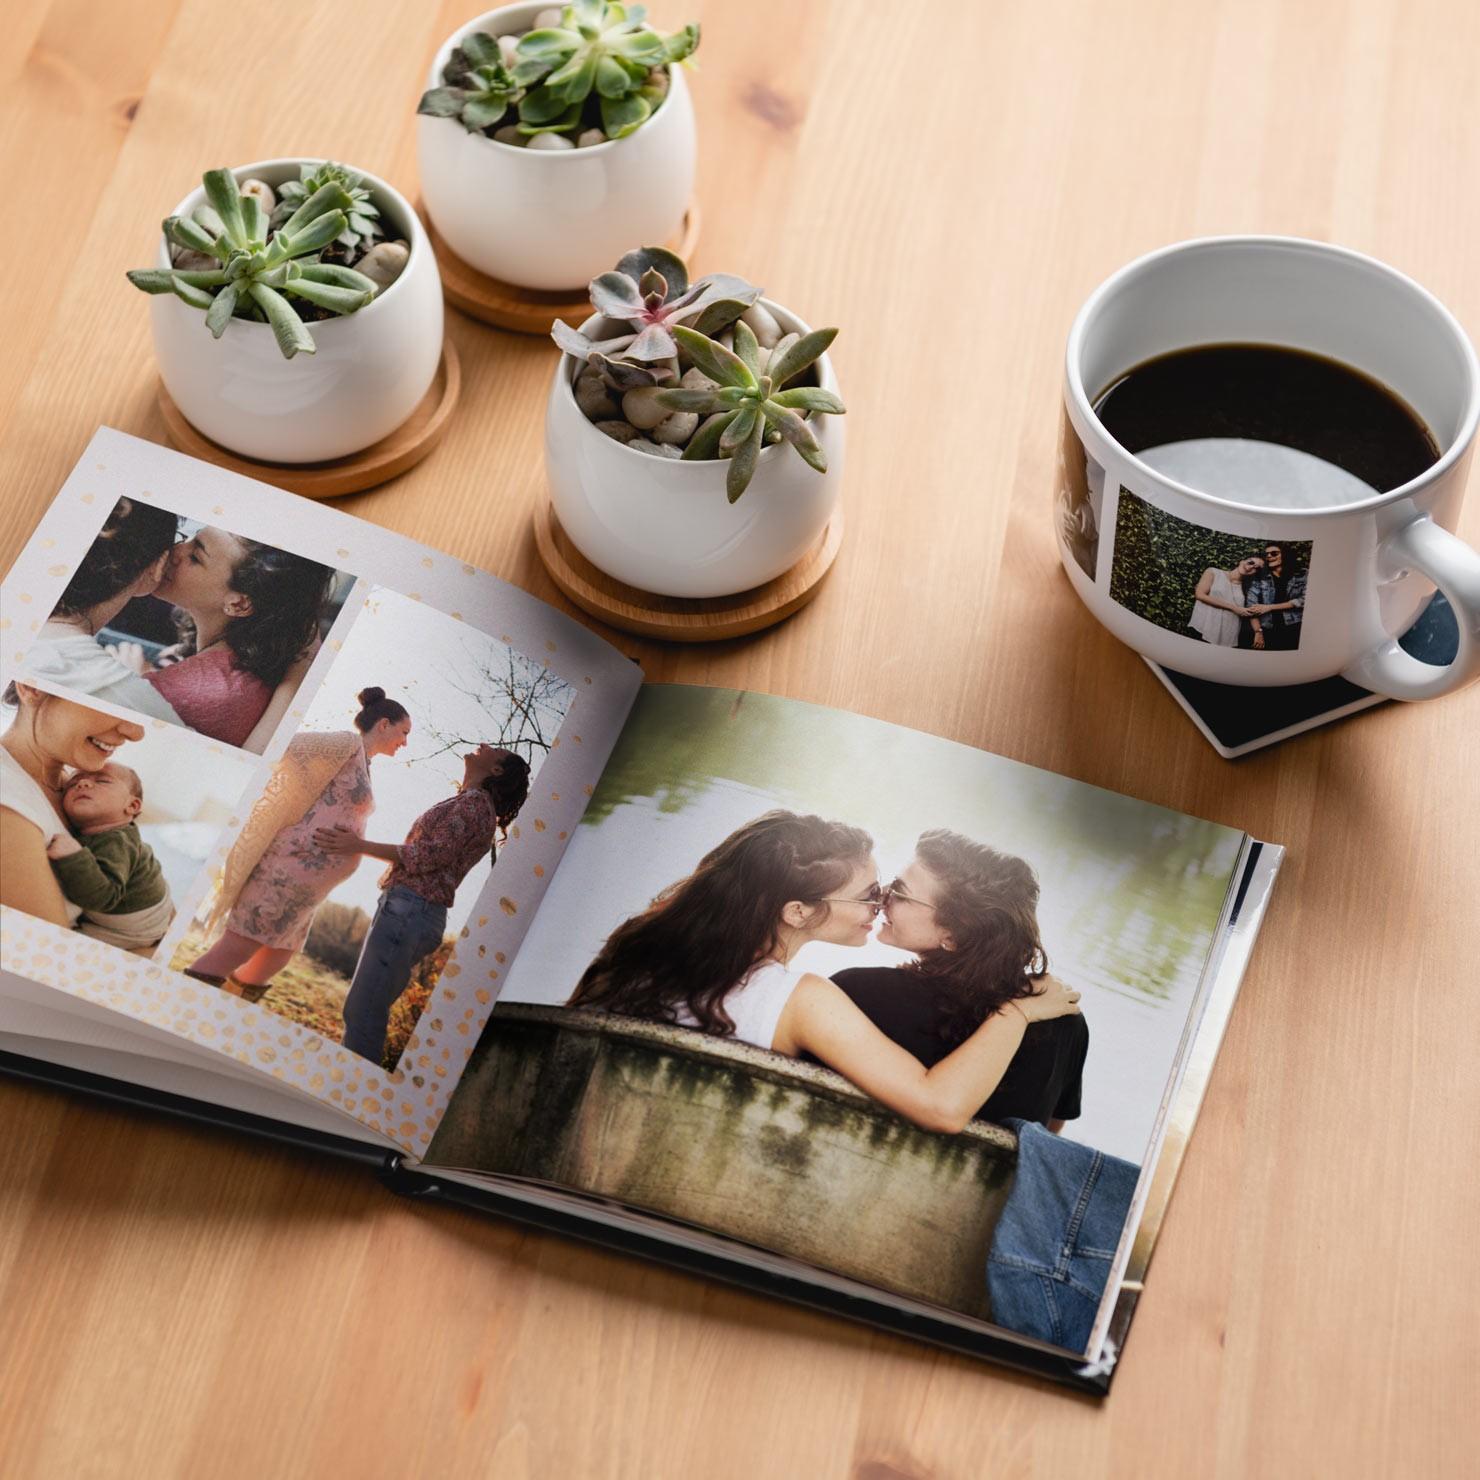 Les gens du monde entier trouvent que faire quelque chose de spécial à leur anniversaire de mariage est un moyen de réaffirmer leur amour les uns pour les autres.